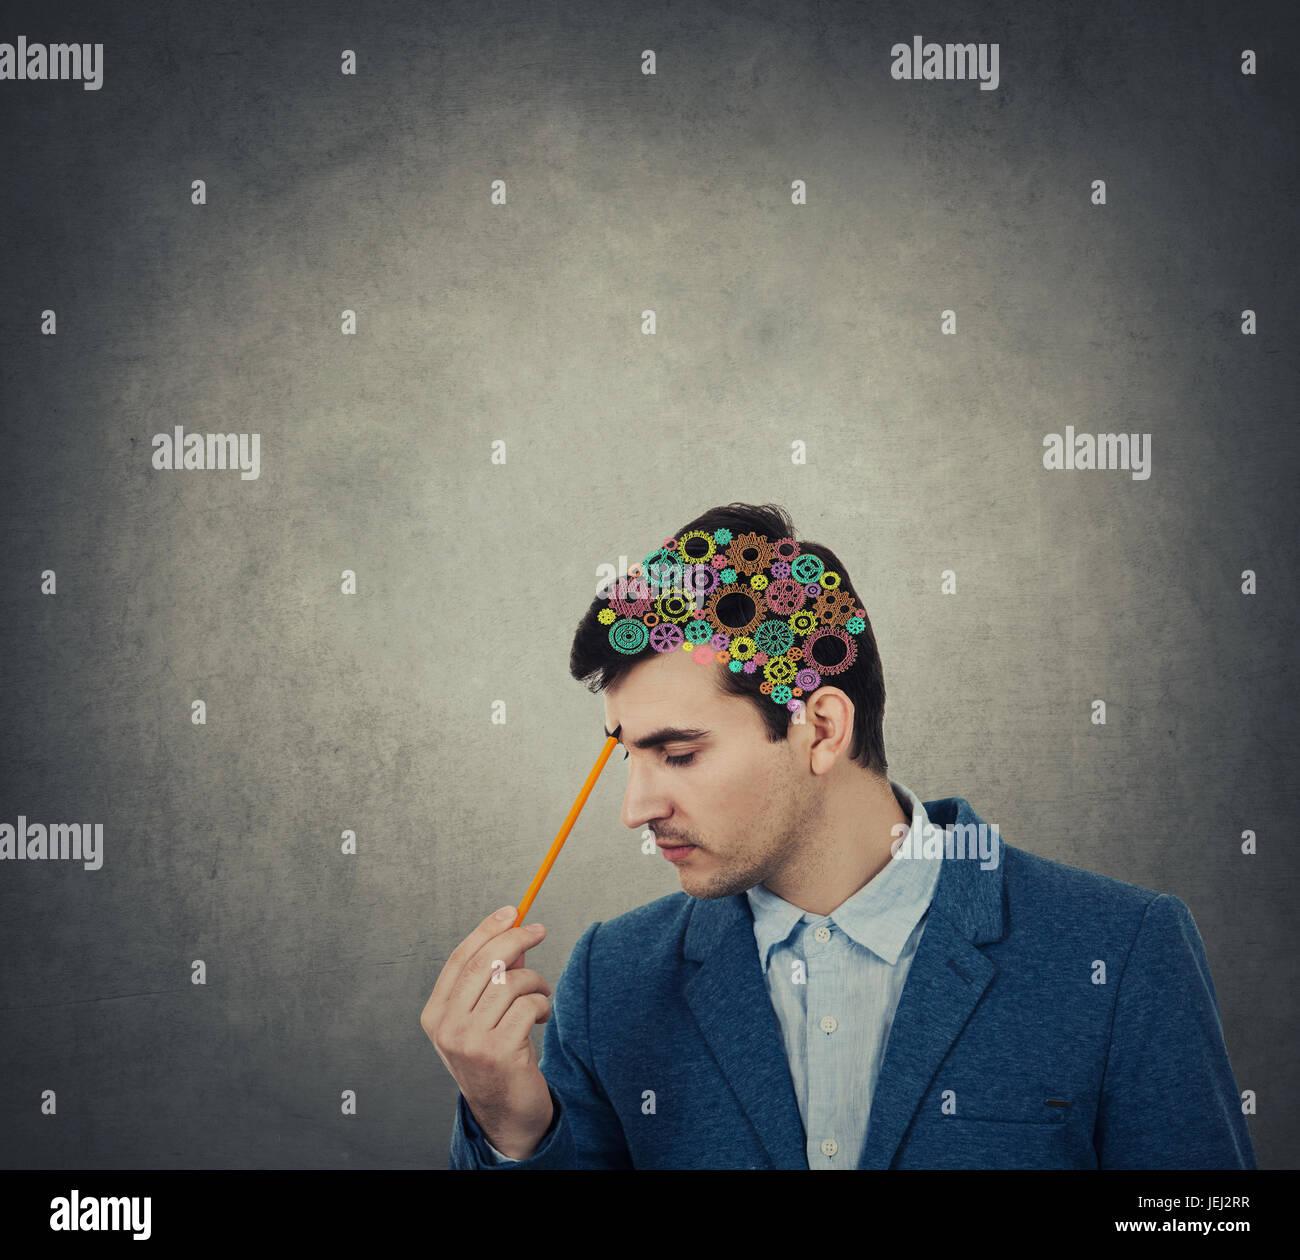 Concepto creativo de un empresario con un lápiz apuntando a su cabeza con un cerebro colorulful realizados Imagen De Stock